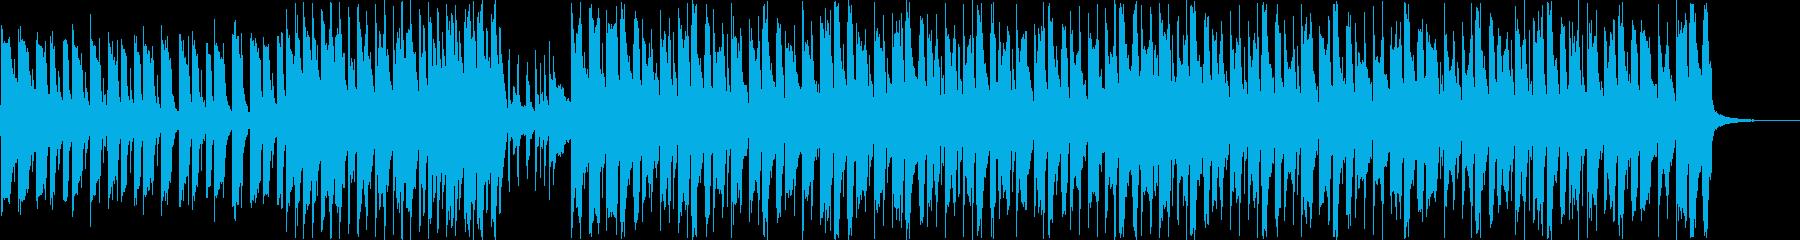 エンディング・かわいい・楽しい B+Dの再生済みの波形